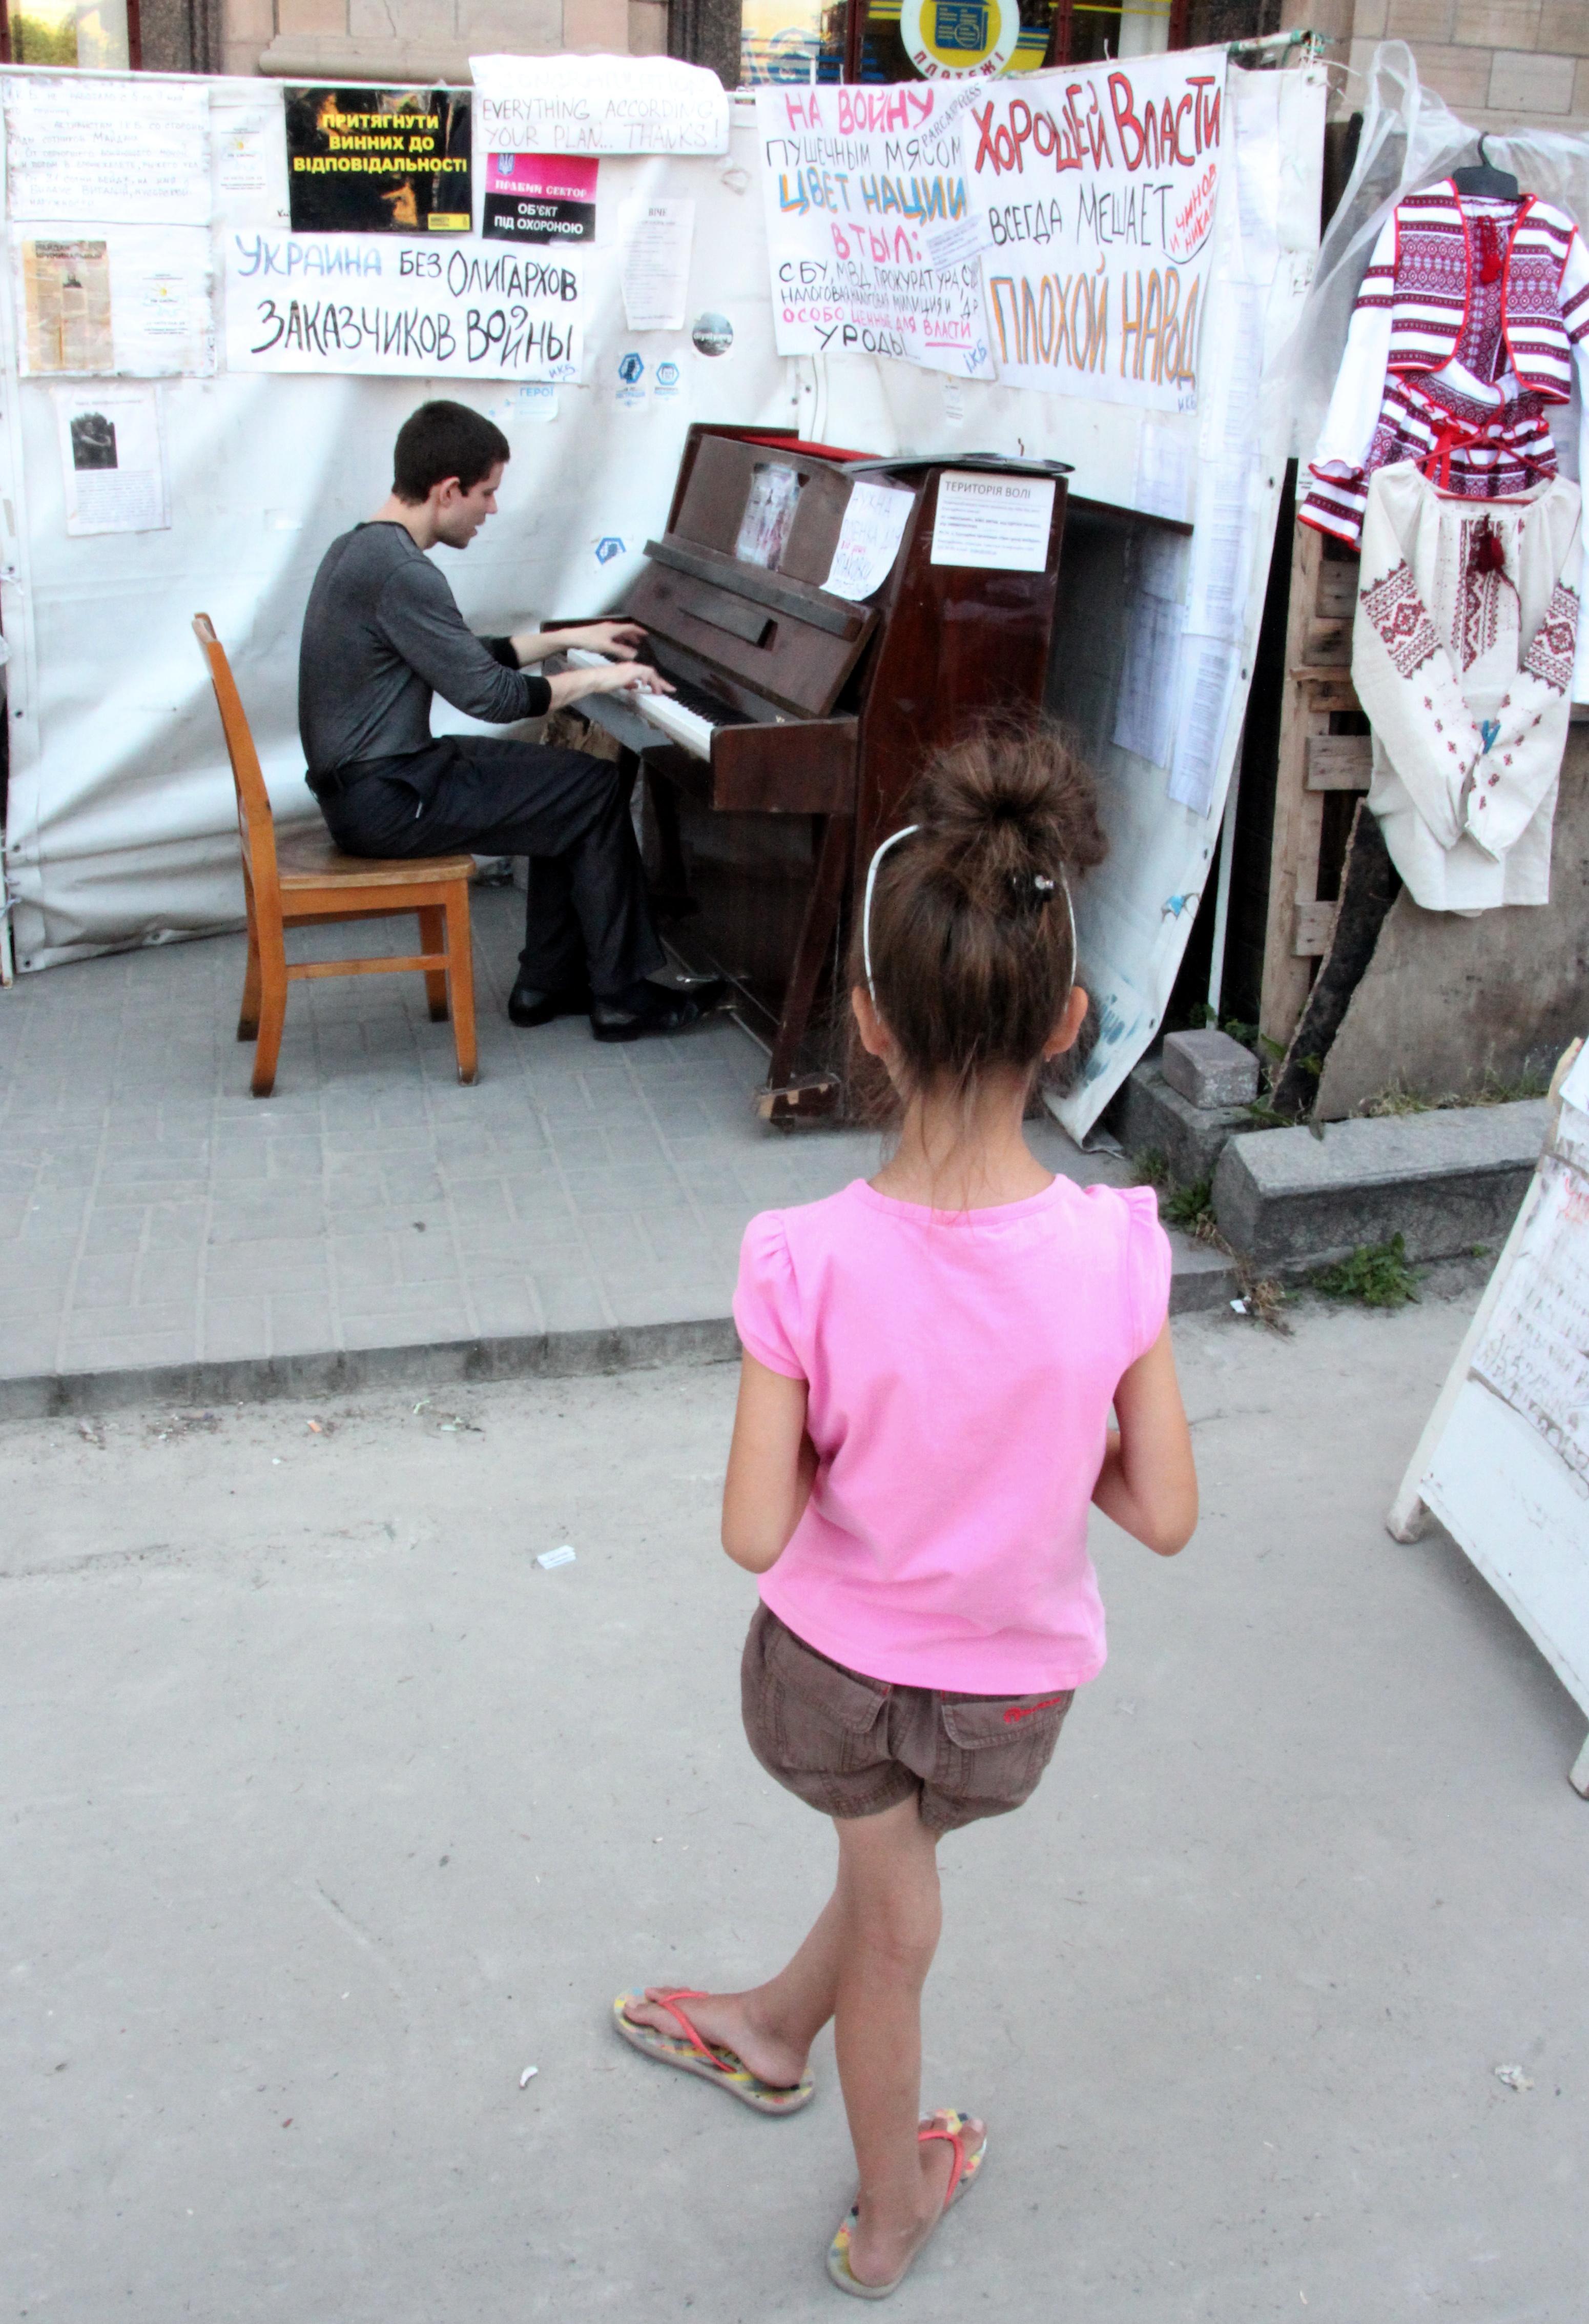 Киев. Пианист на Майдане Незалежности. Июль 2014